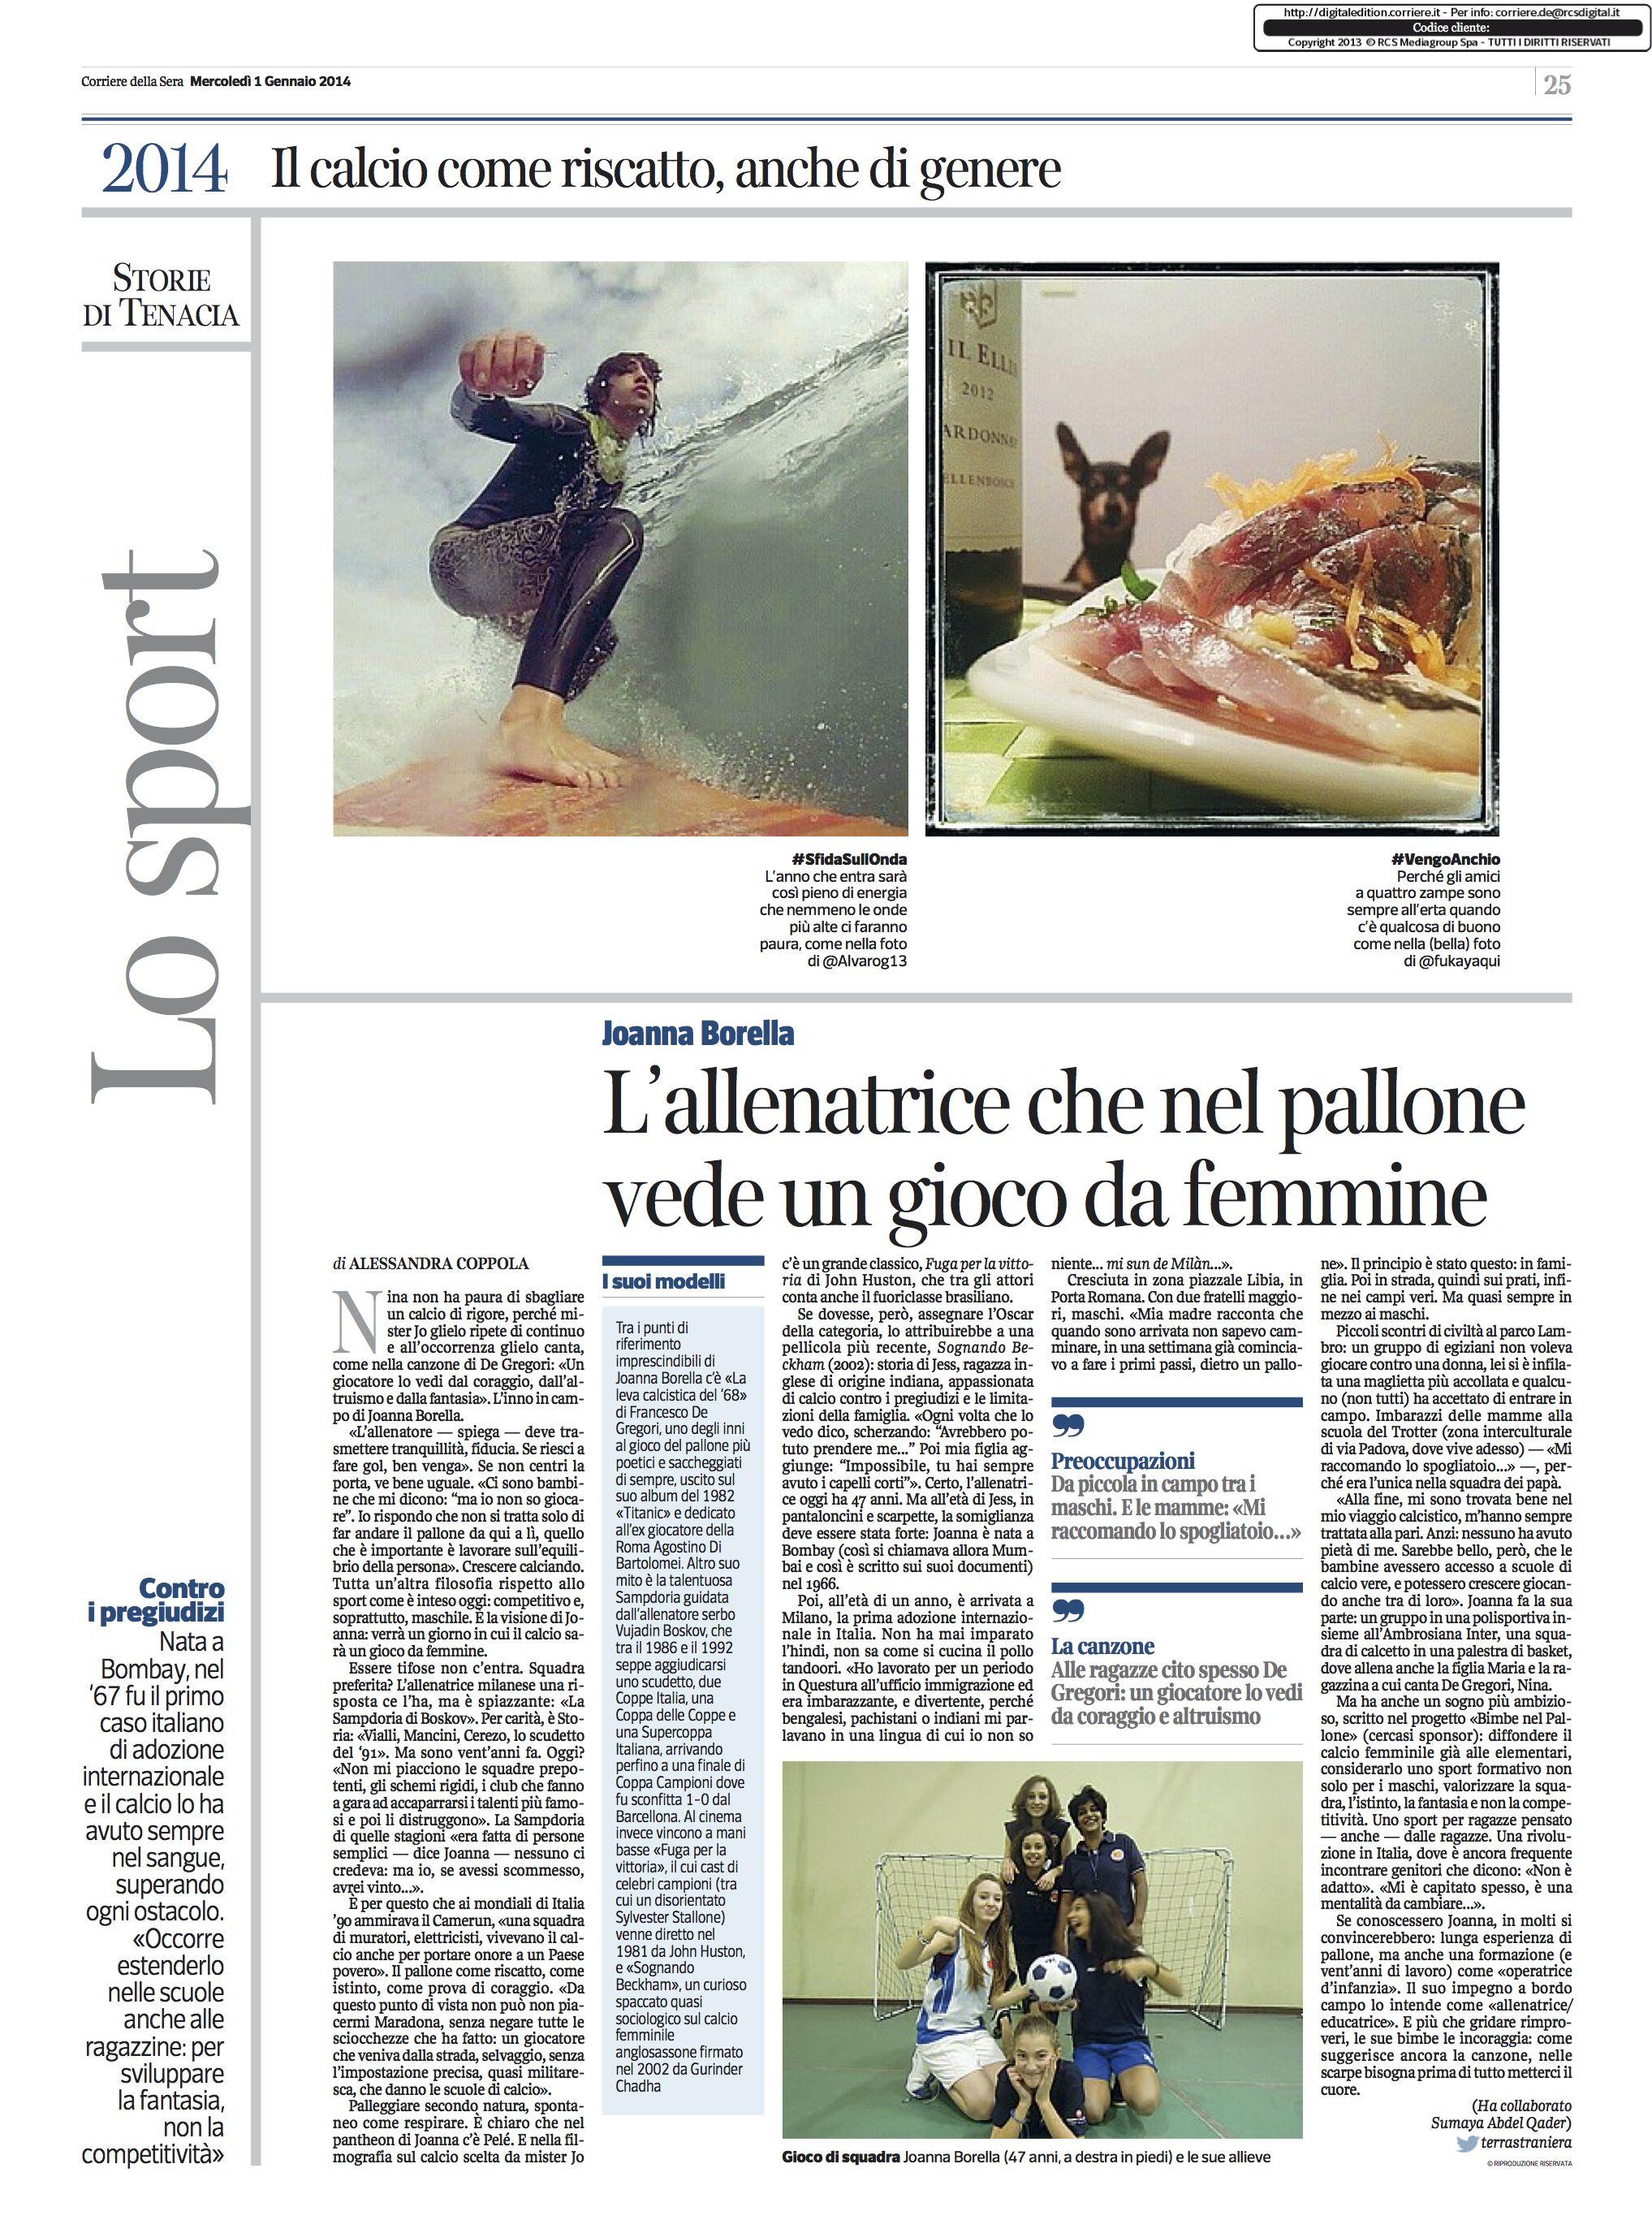 articolo_corriere_01.01.2014_pag.25